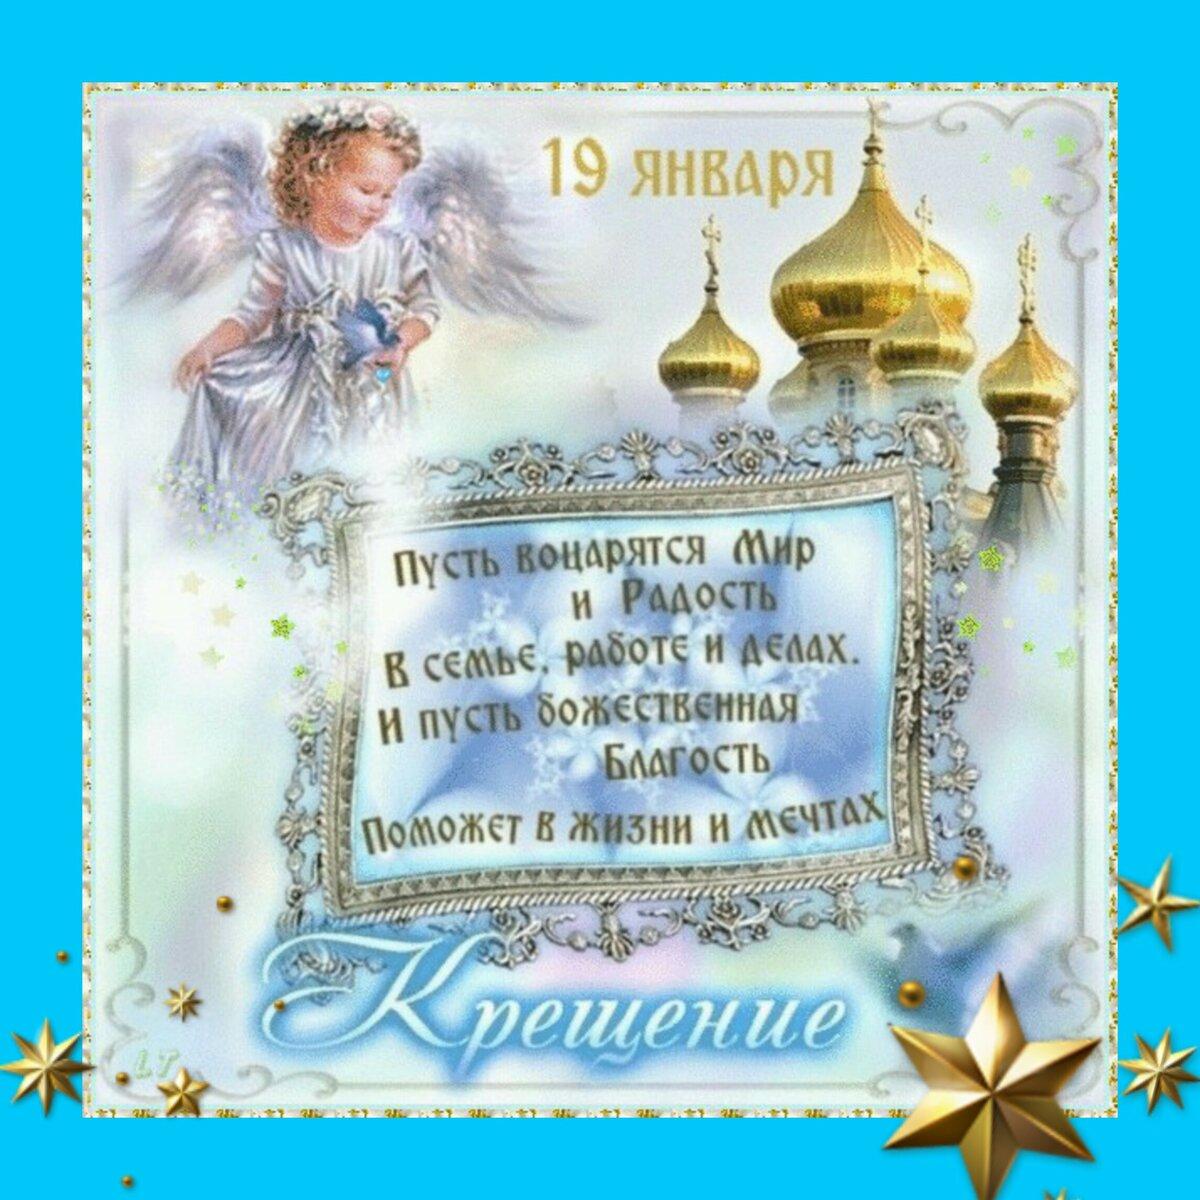 Поздравление в день крещения 19 января